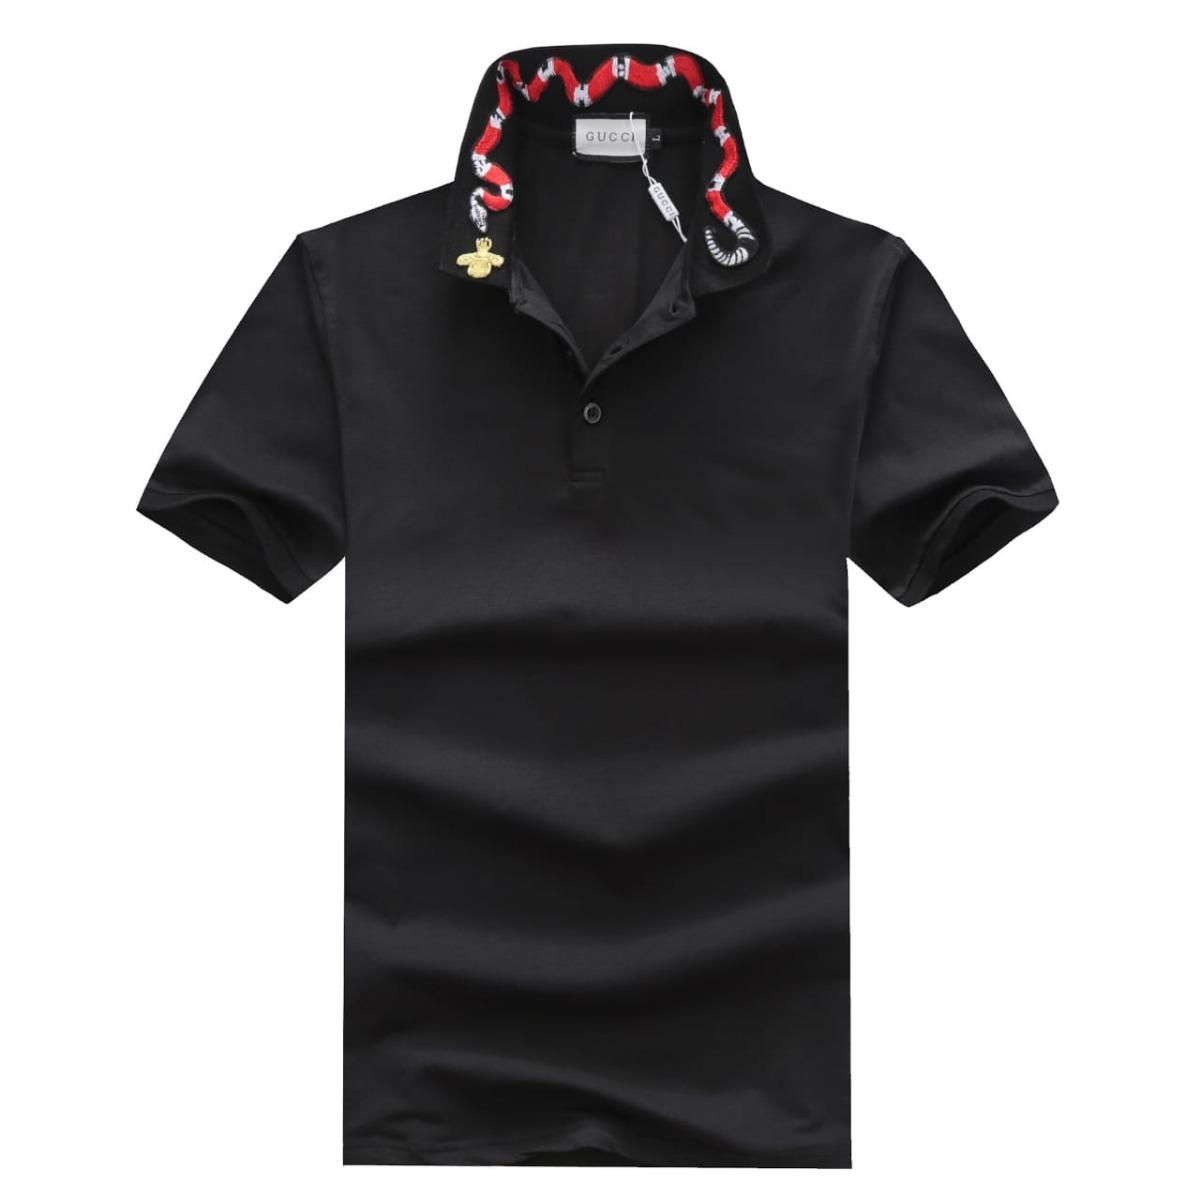 Camiseta Gucci Hombre Tipo Polo Original. -   285.000 en Mercado Libre 3a56e8a1436